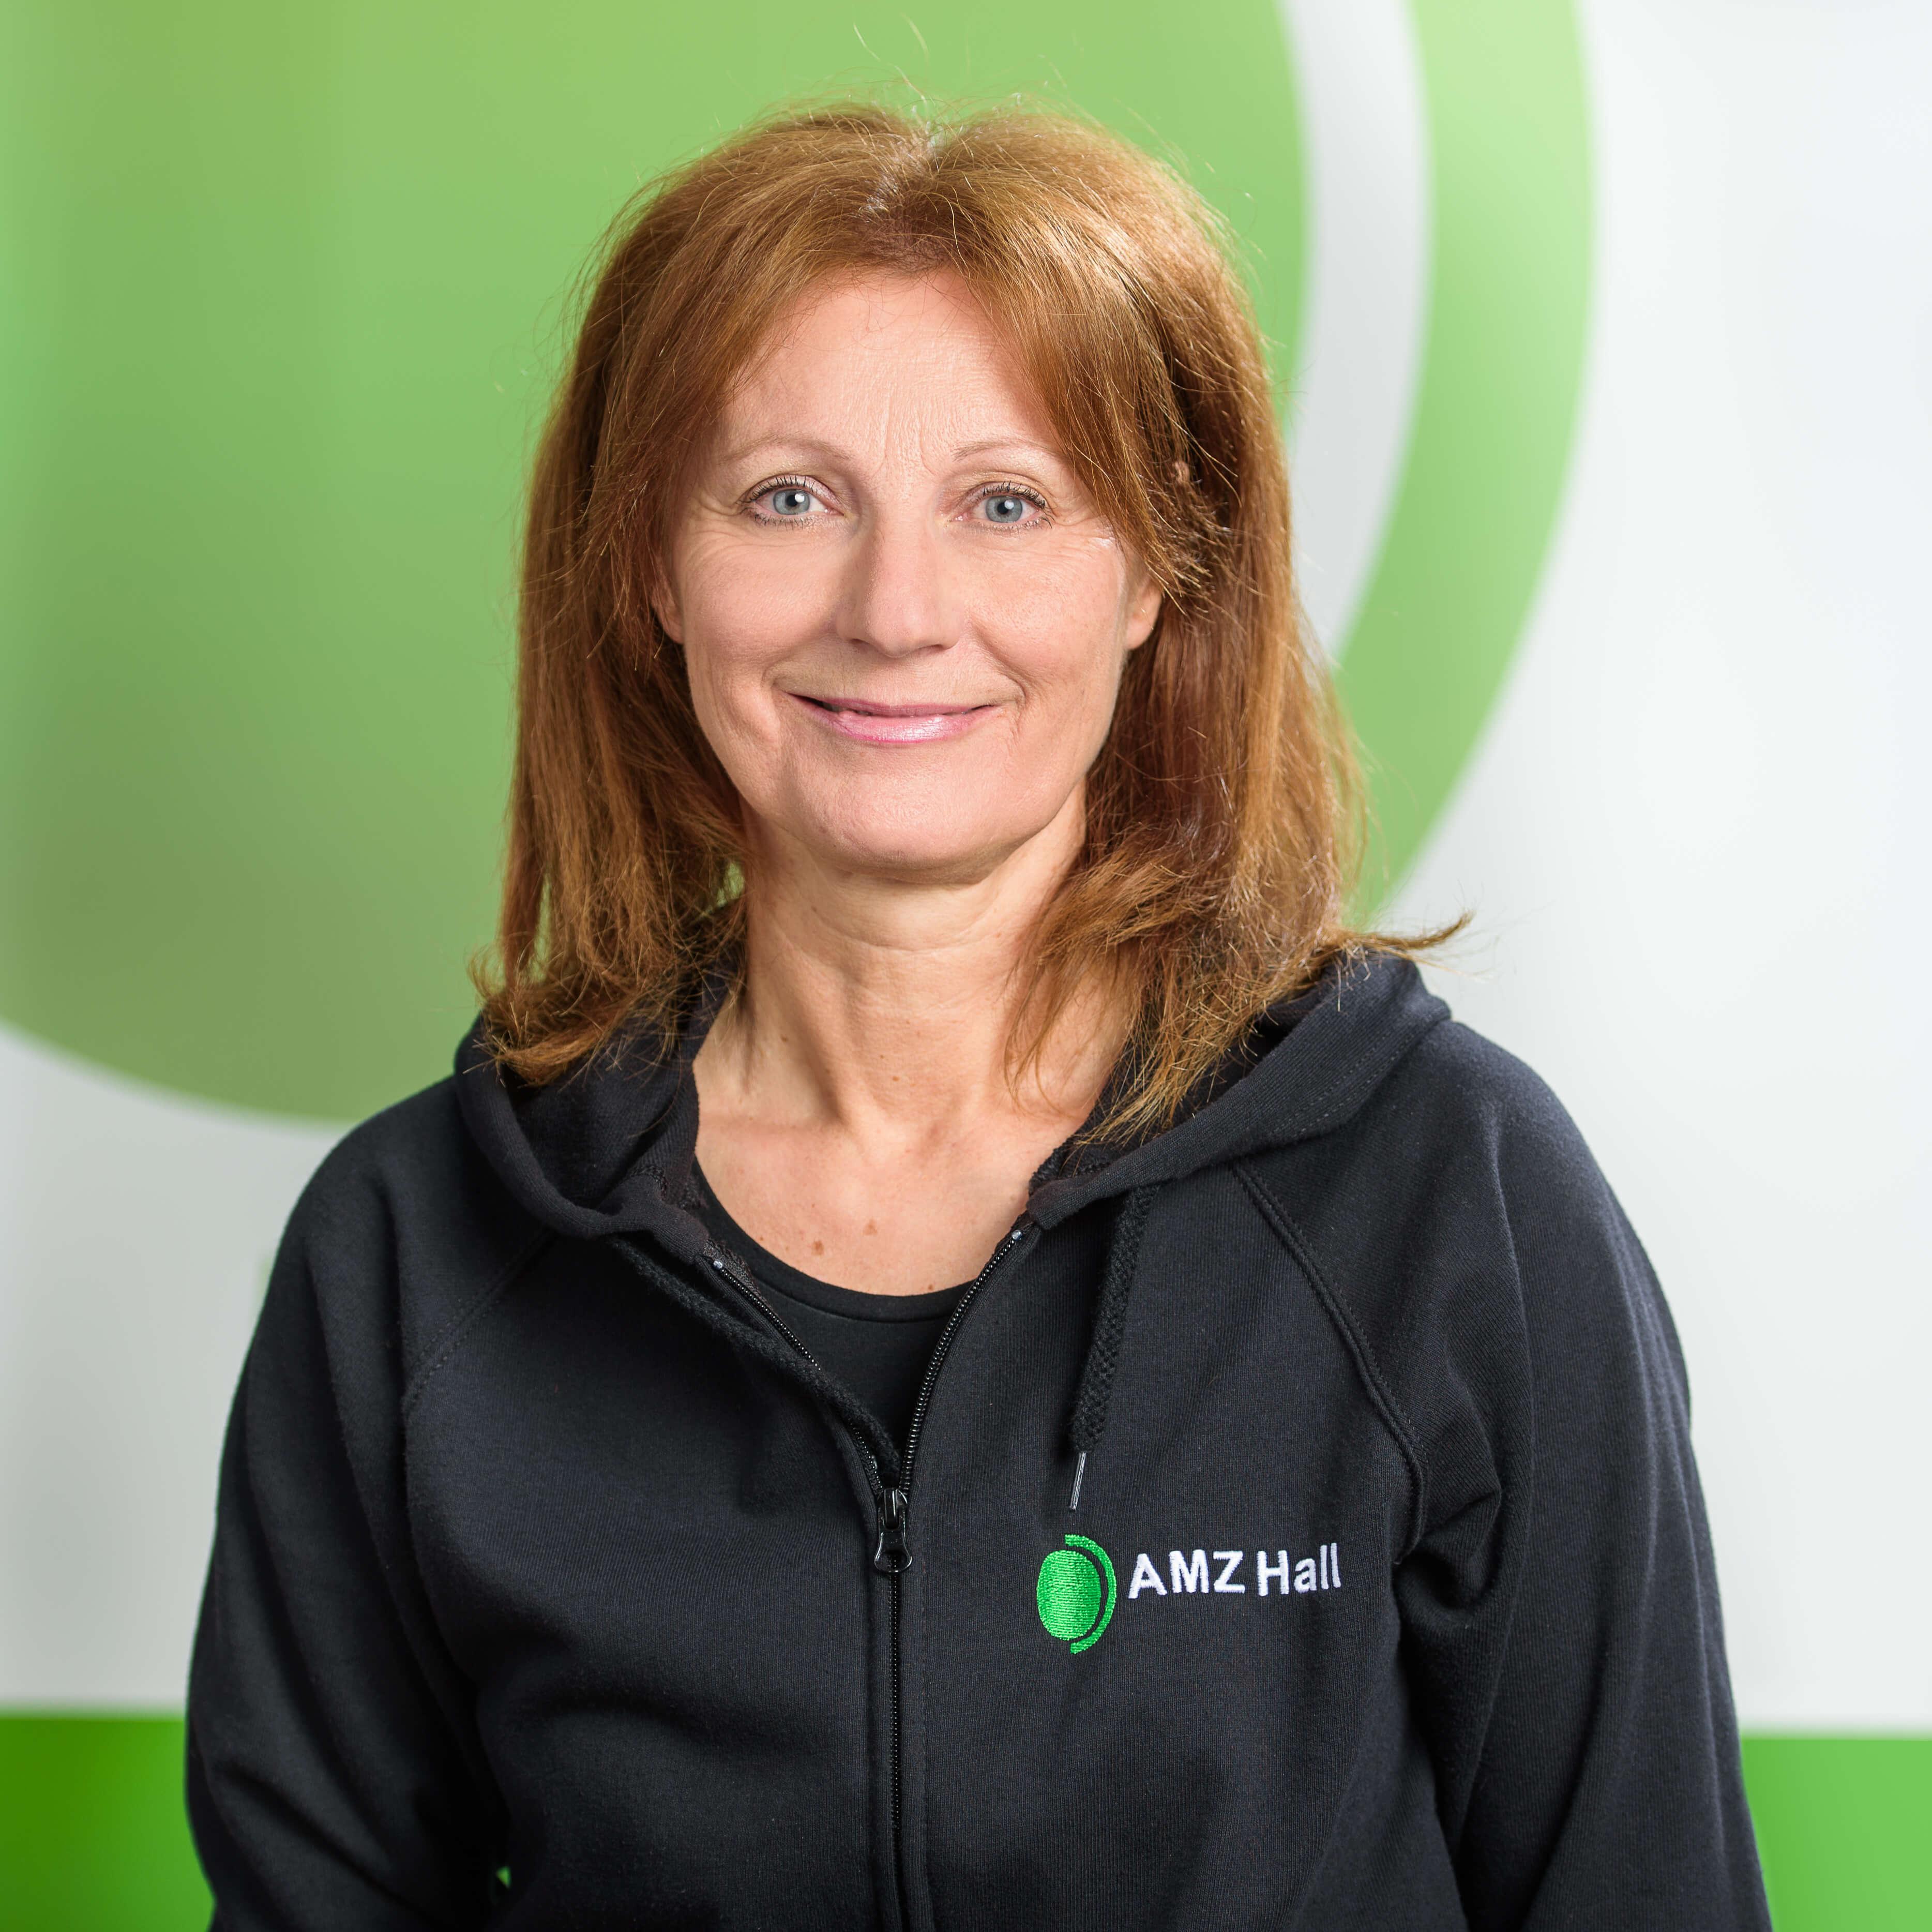 Dr. Maria Zegg